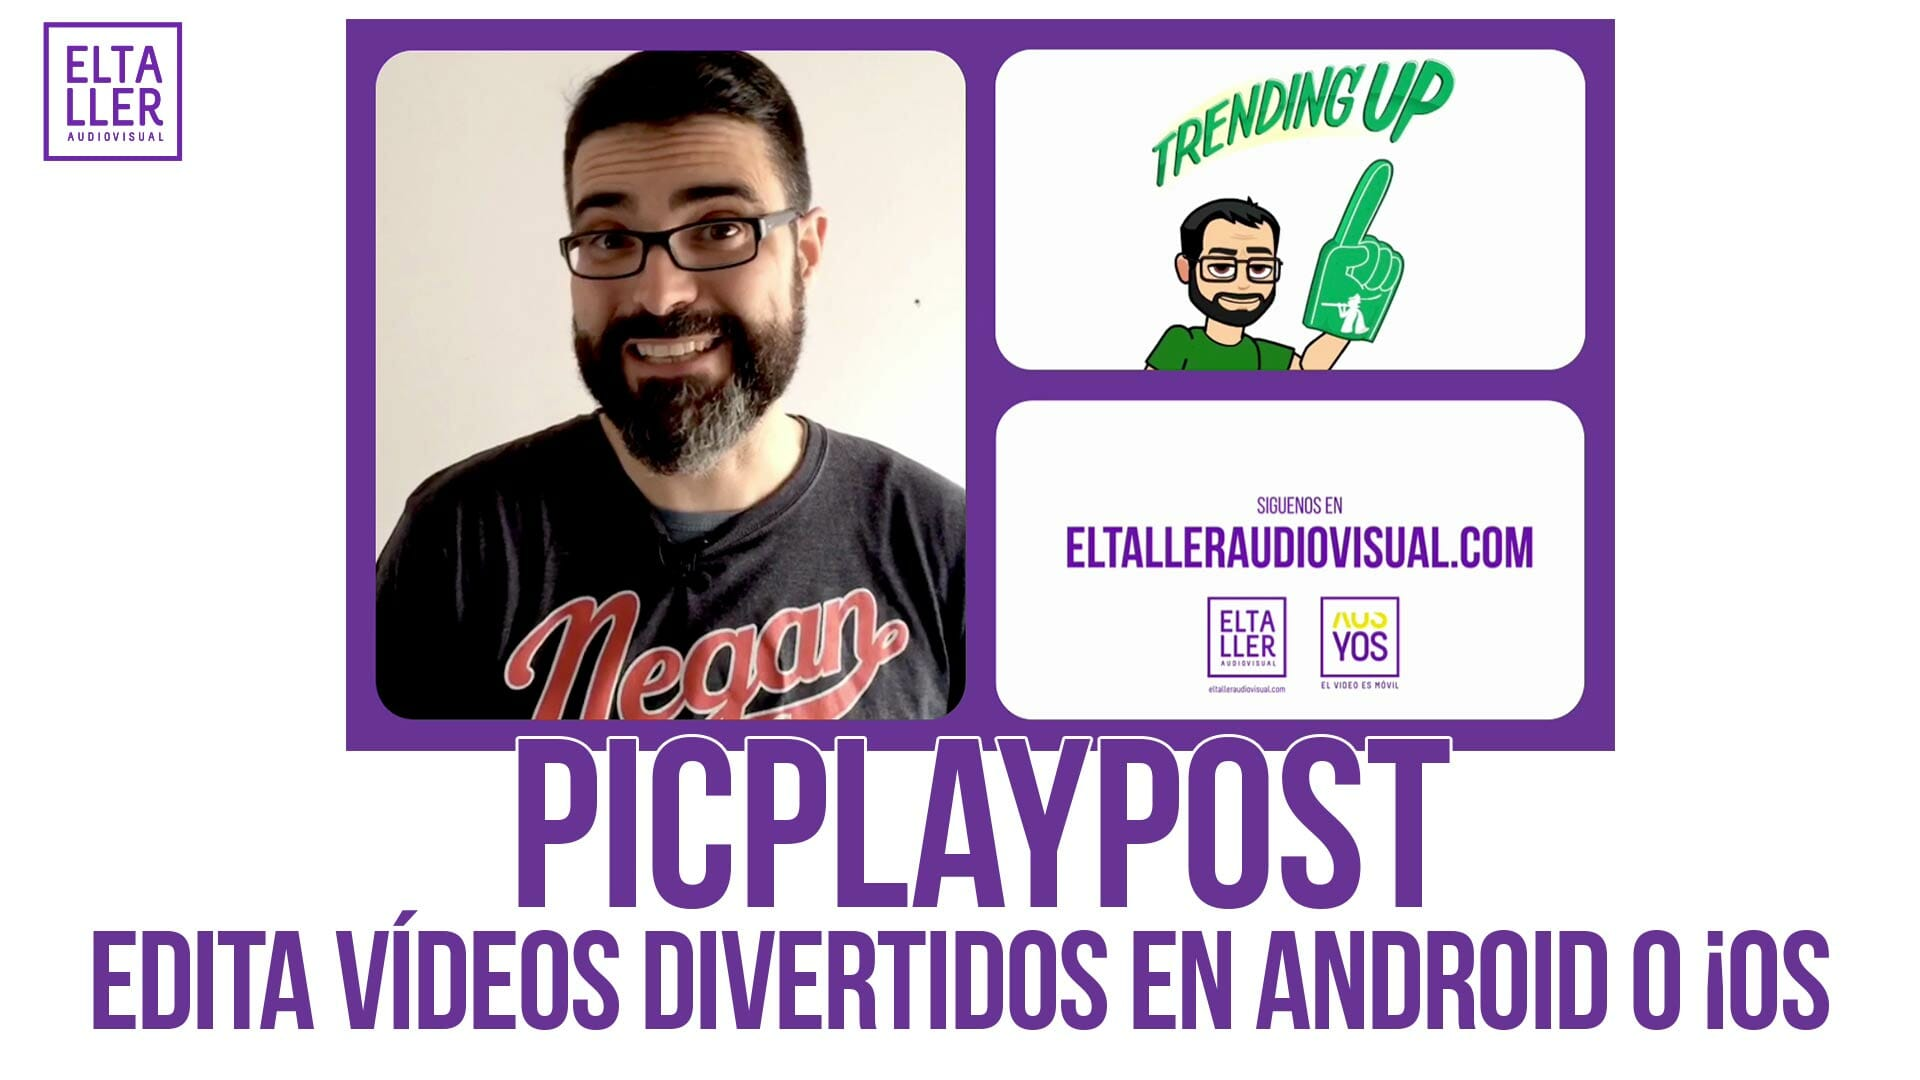 El videocollage es una manera deivertida y fácil de hacer vídeos con el móvil, te lo contamos con PicPlayPost y te explicamos a utilizarlo